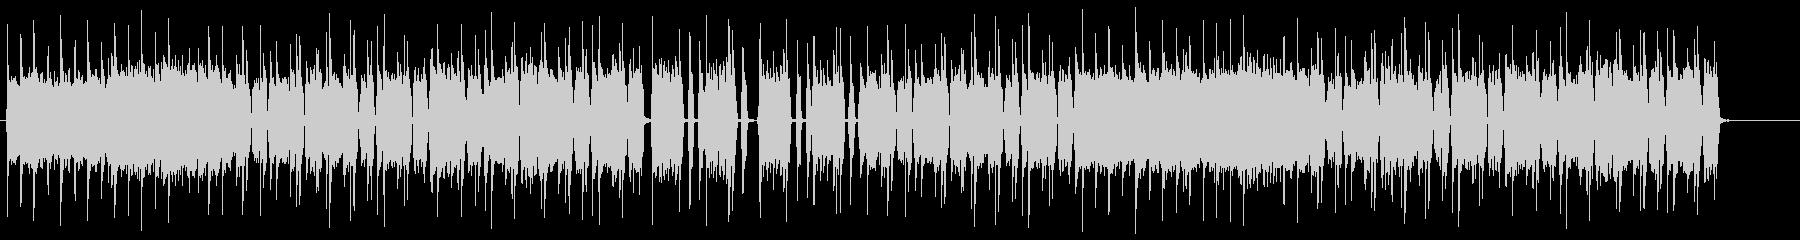 短縮verミドルテンポのヘヴィロックリフの未再生の波形